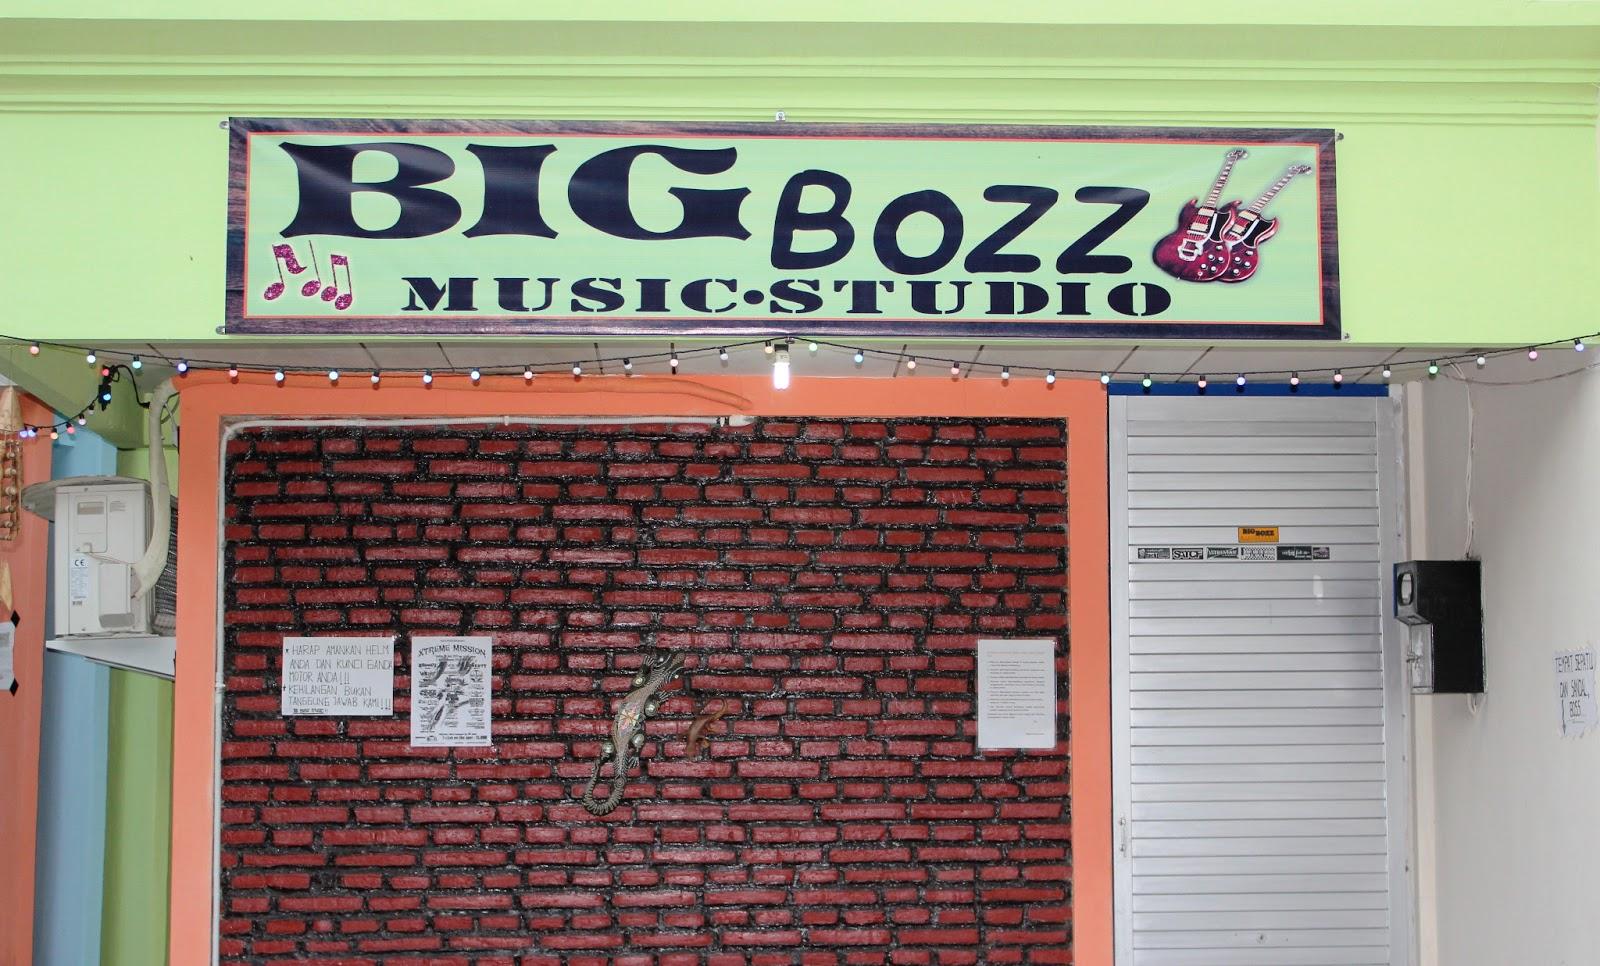 gambar 2 tampak depak studio musik gambar 3 tampak studio musik dari ...